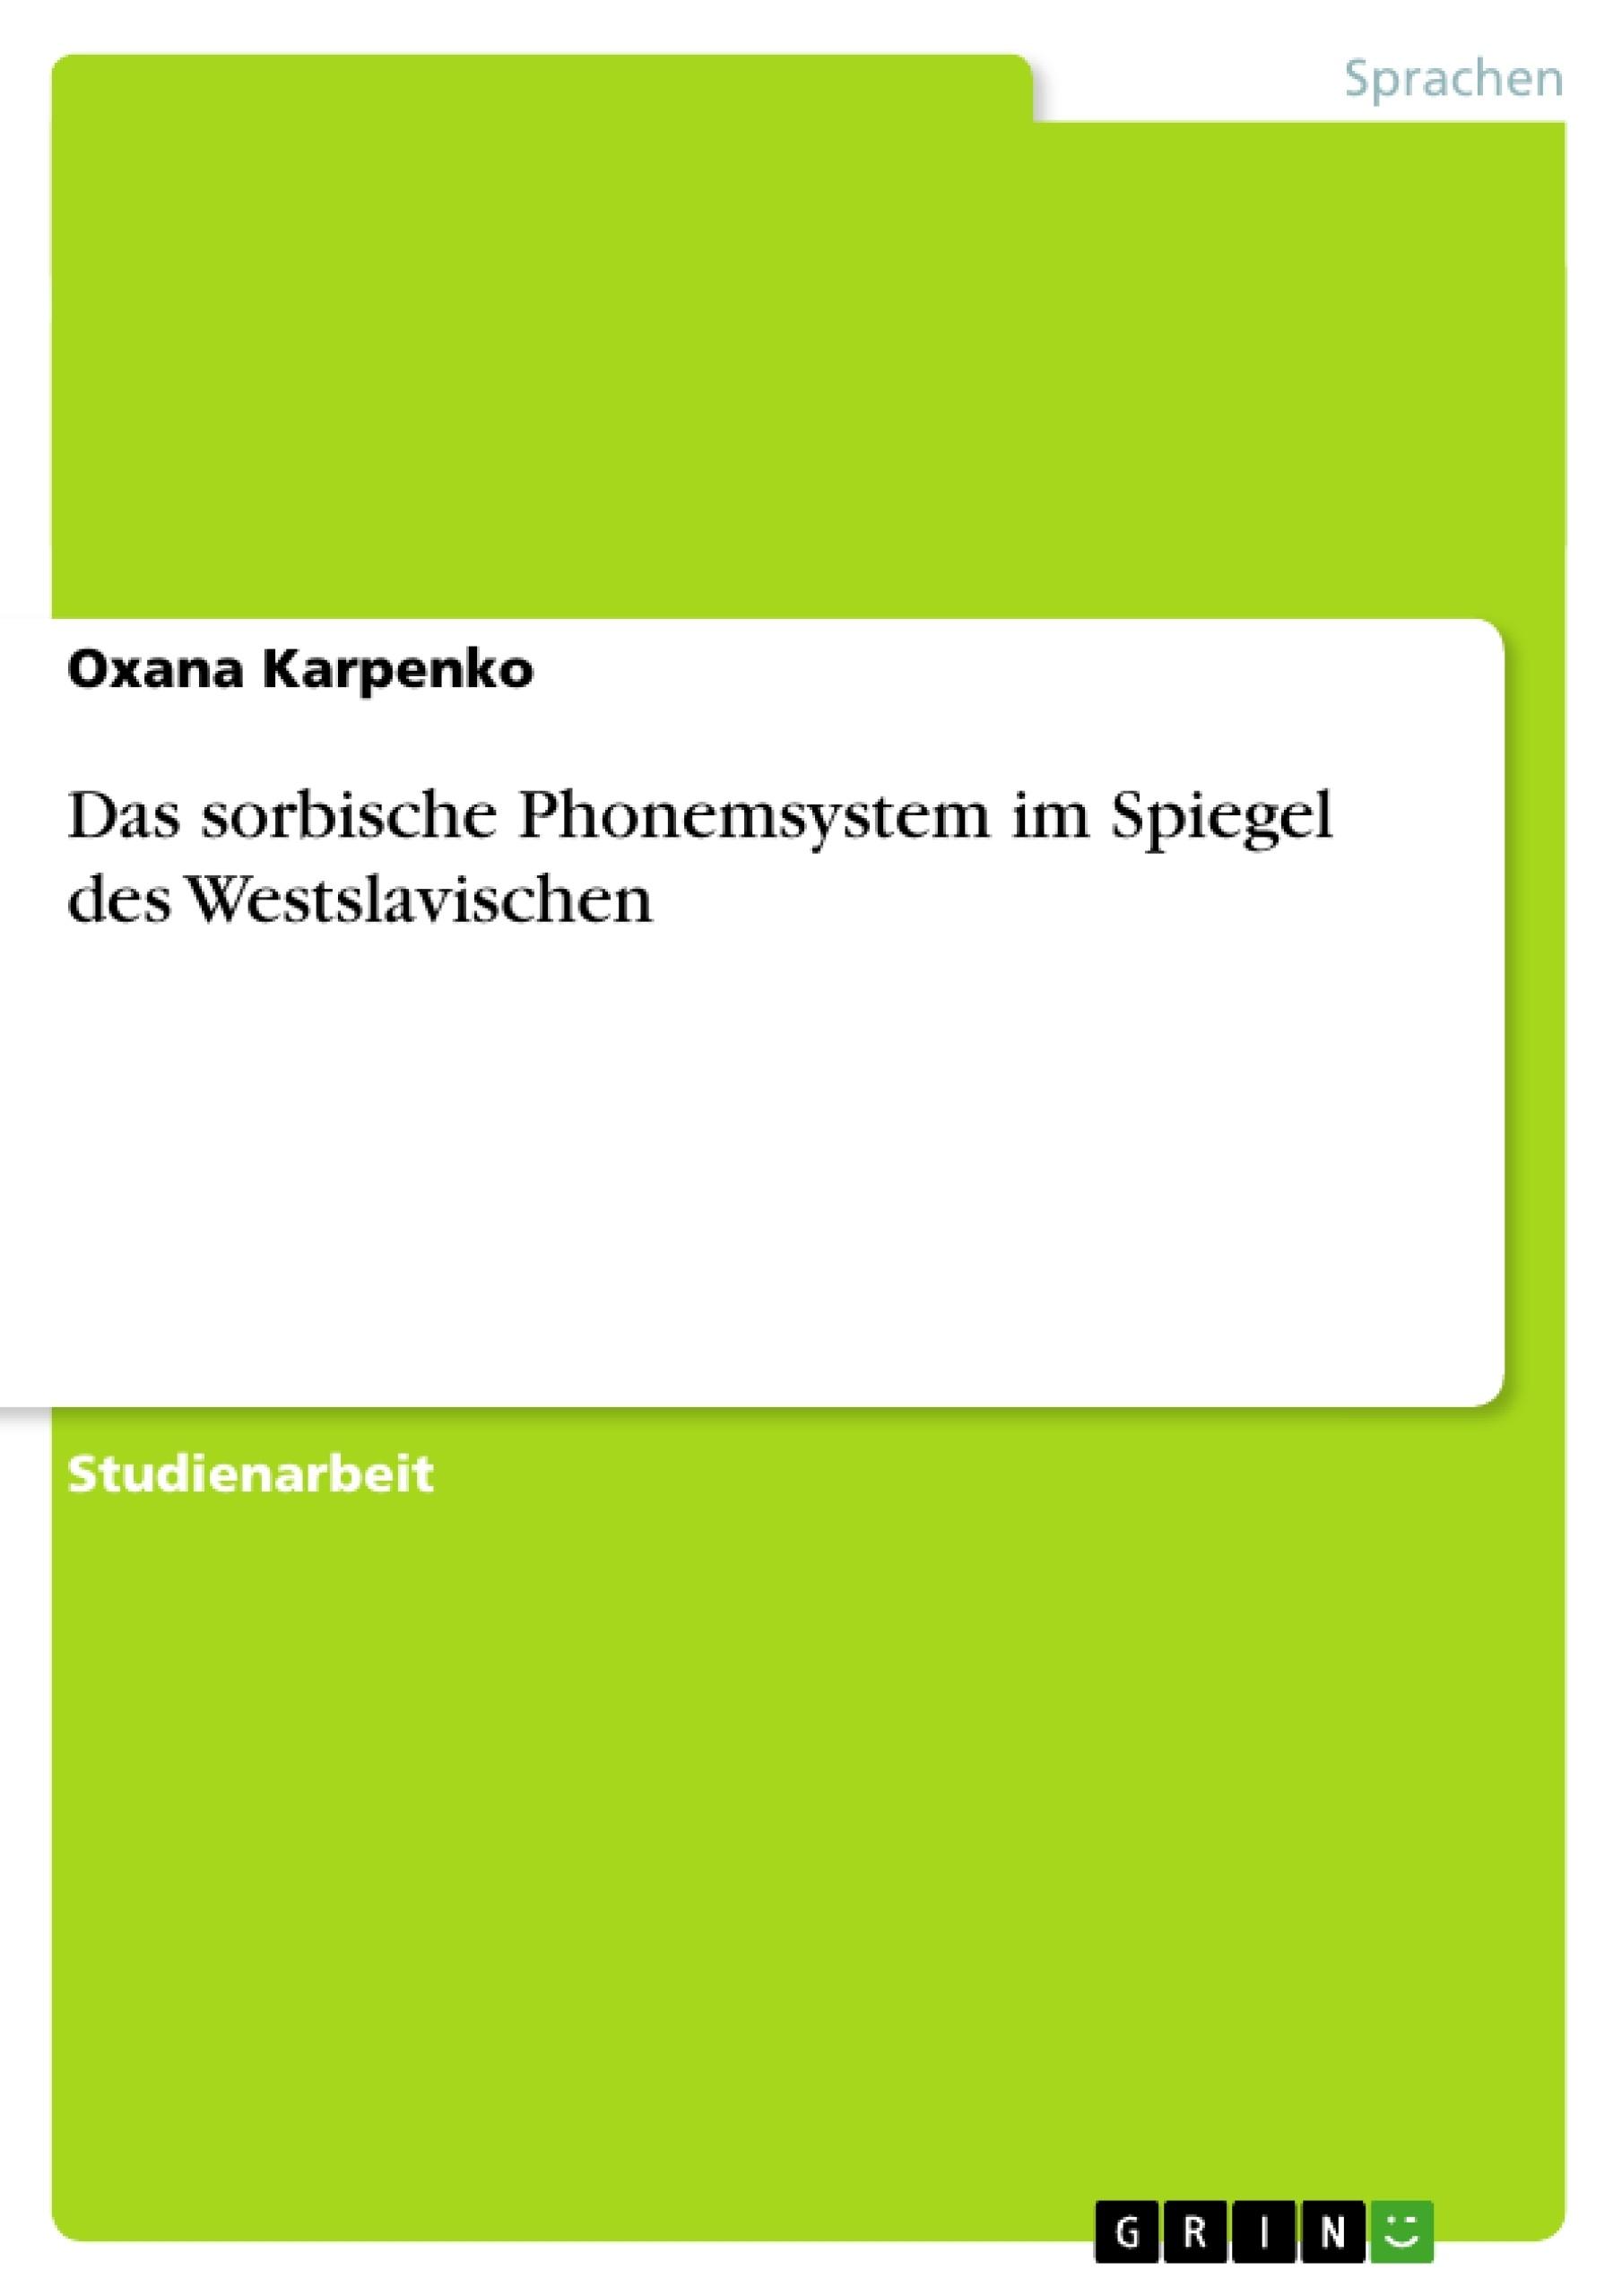 Titel: Das sorbische Phonemsystem im Spiegel des Westslavischen